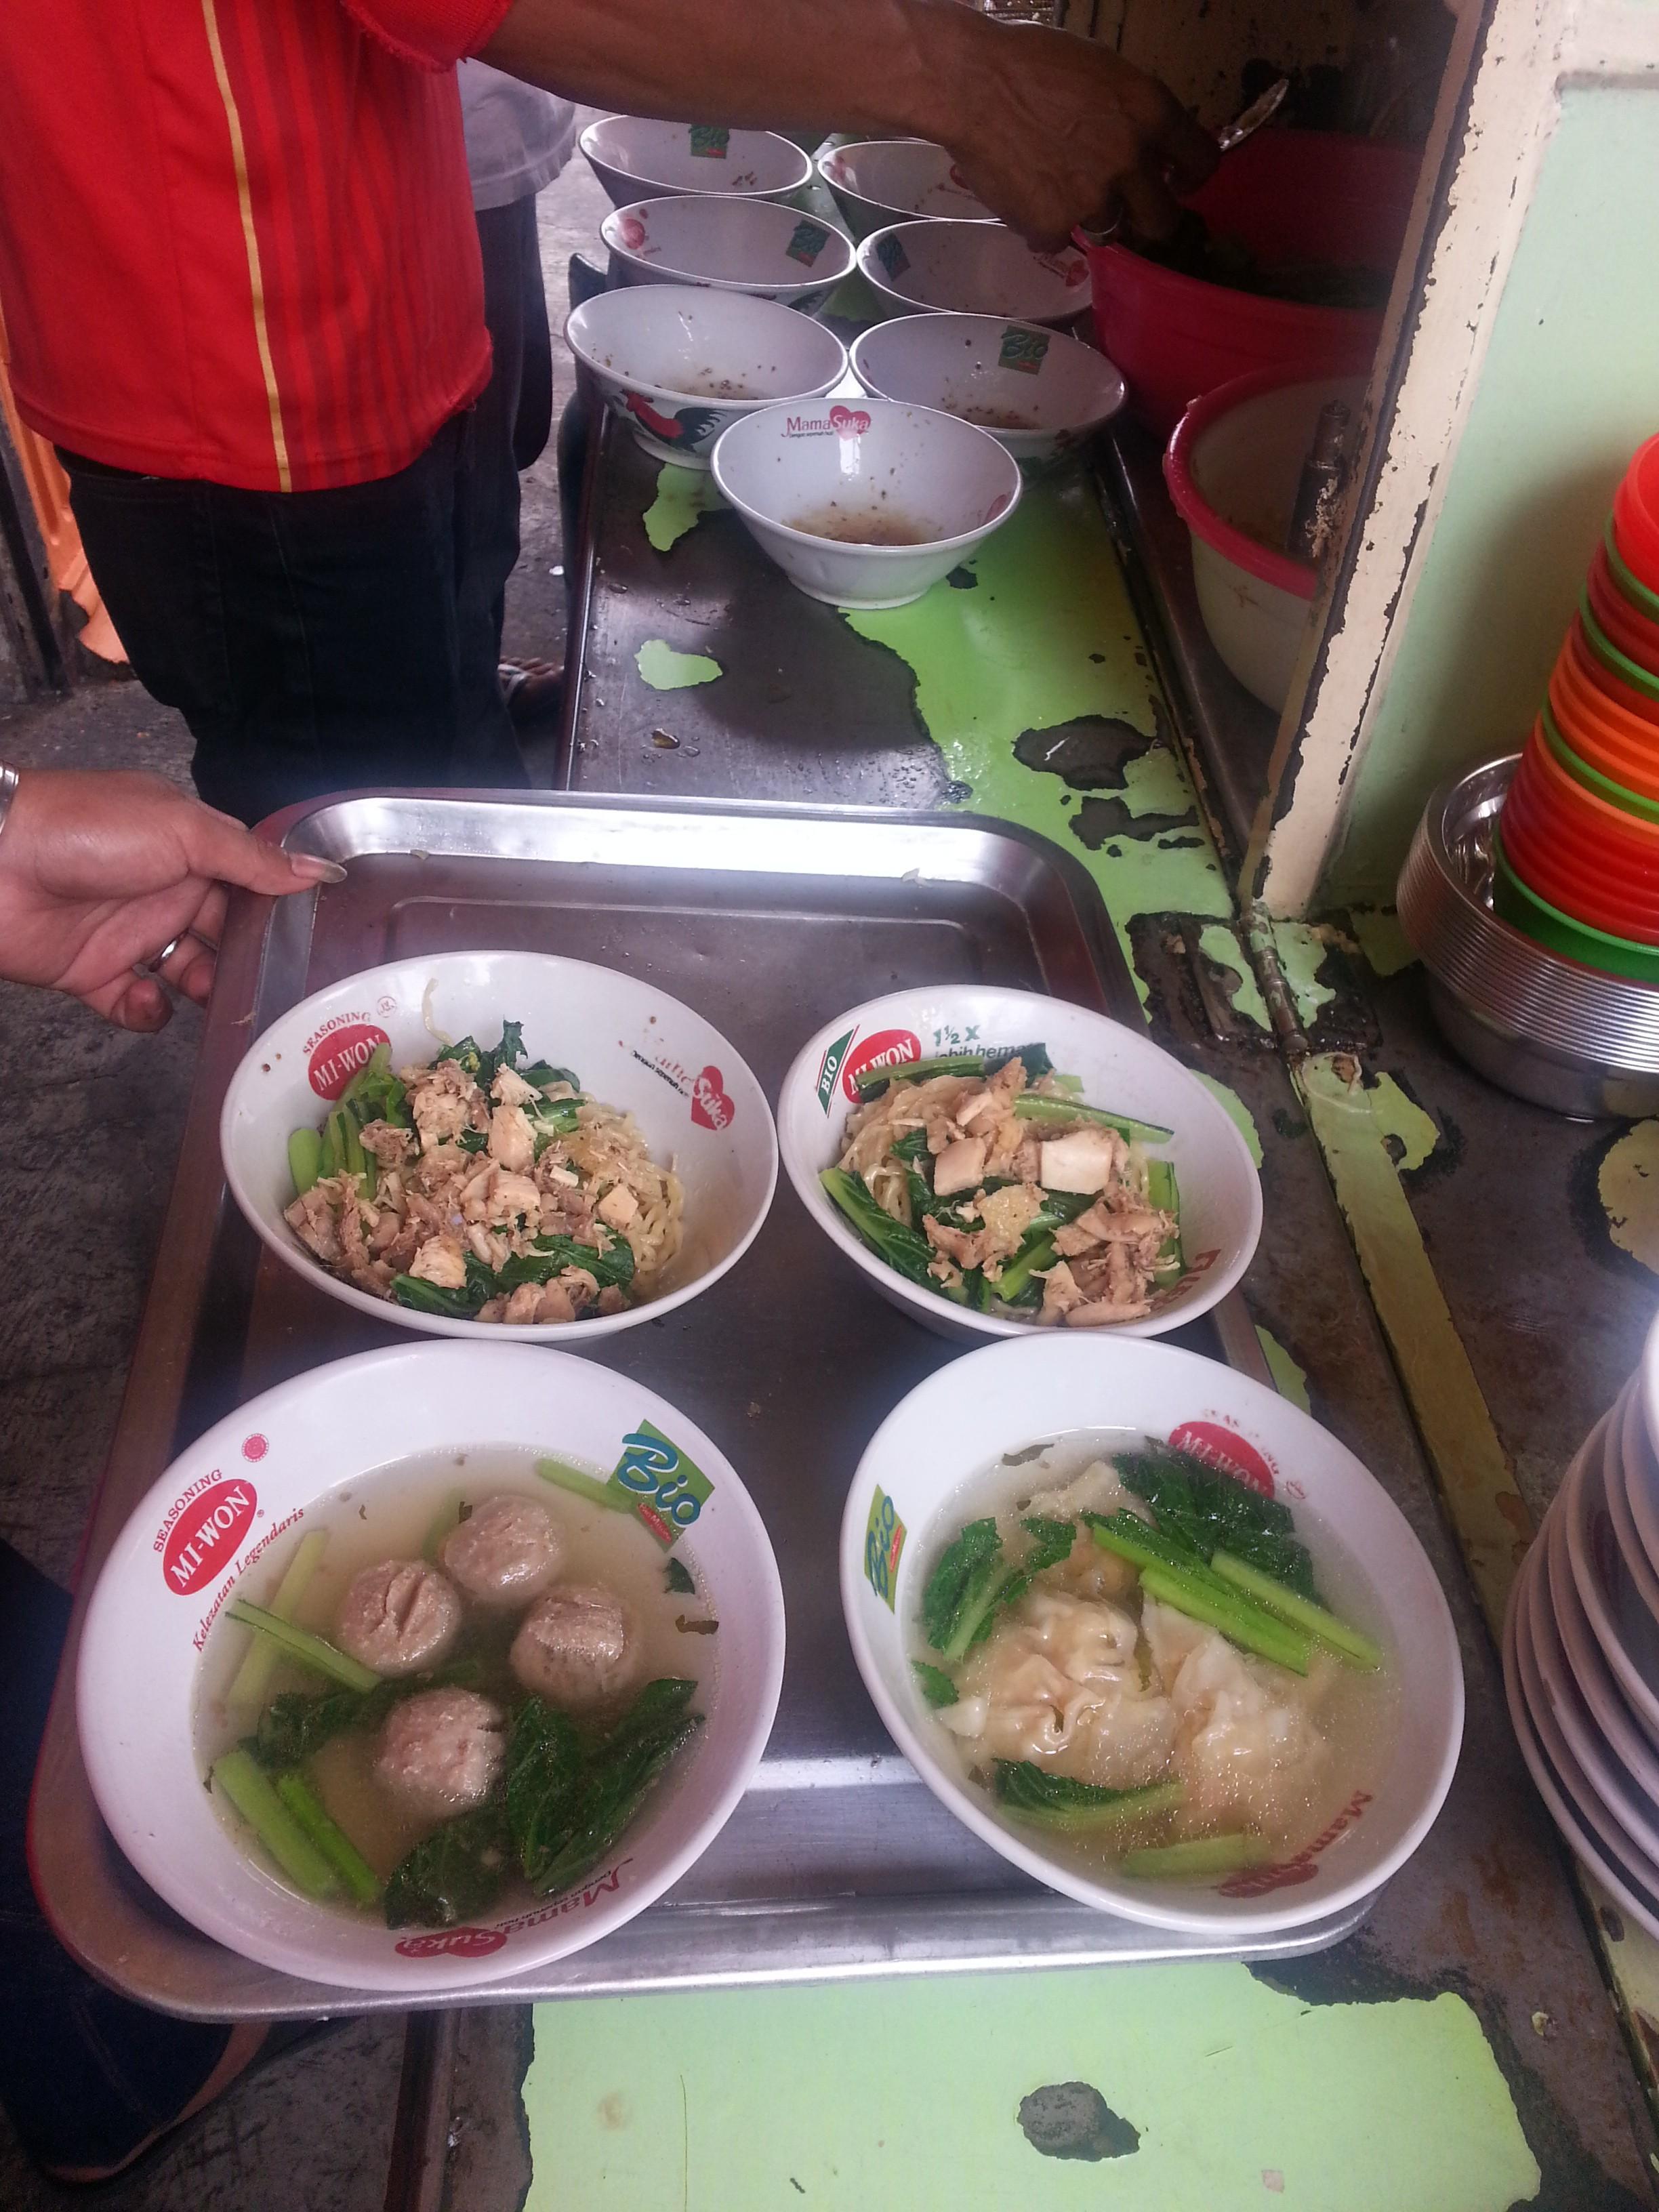 Production line noodles.